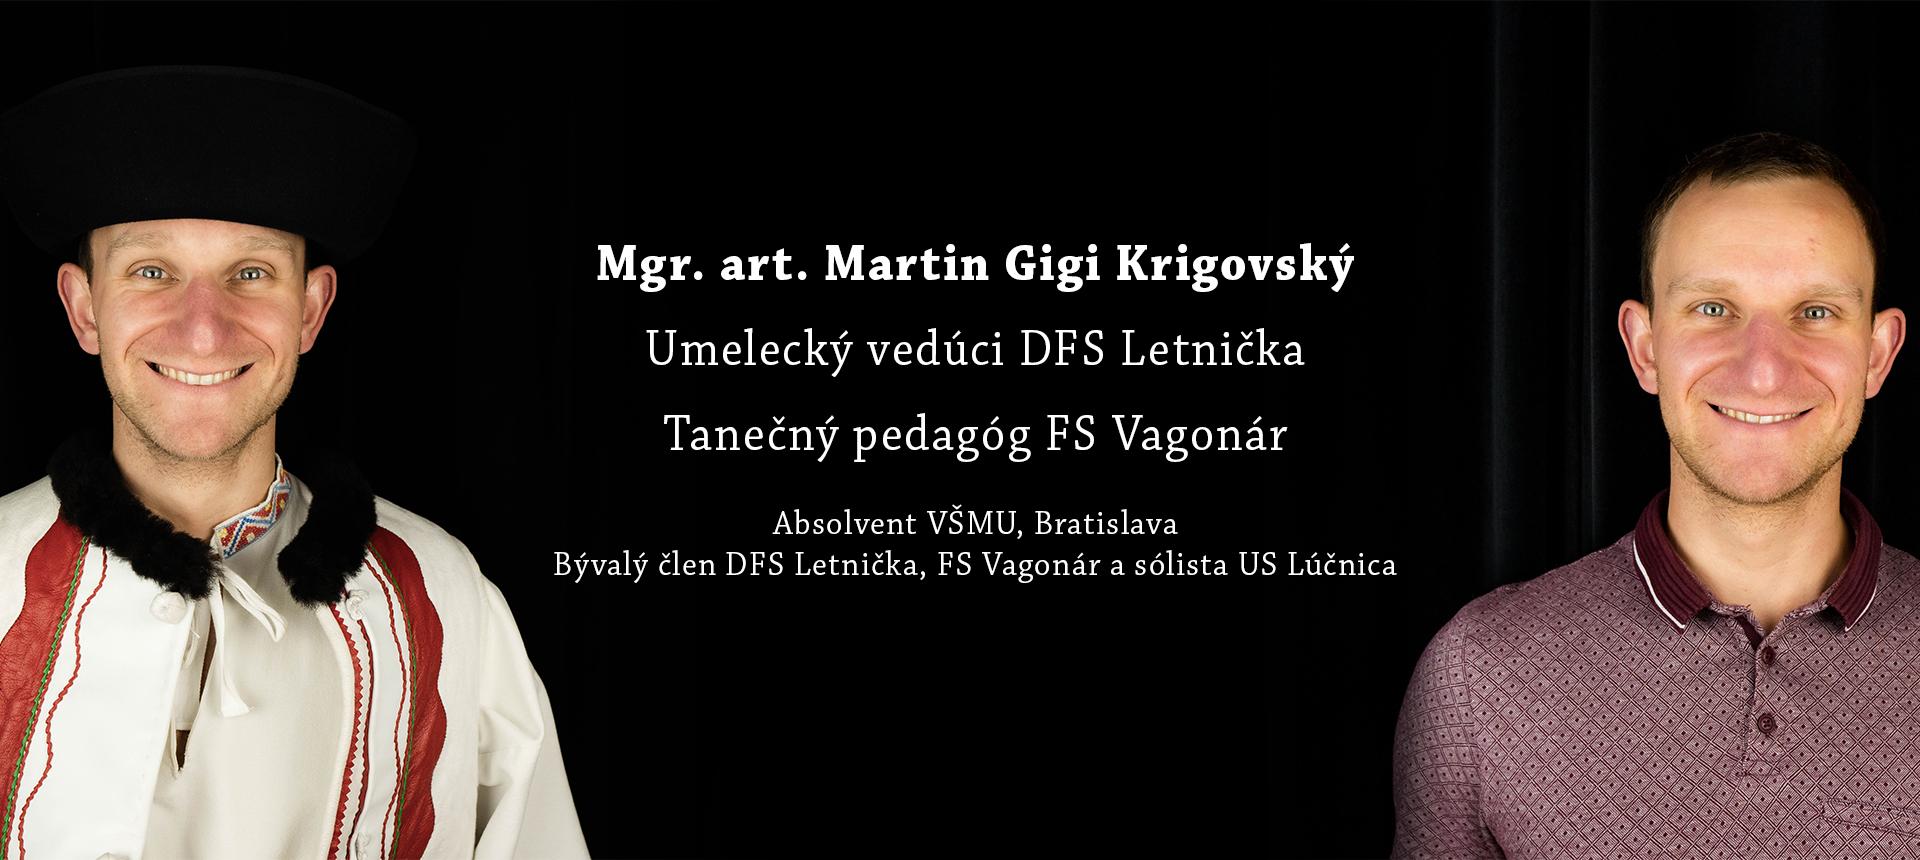 Zoznamka_gigi